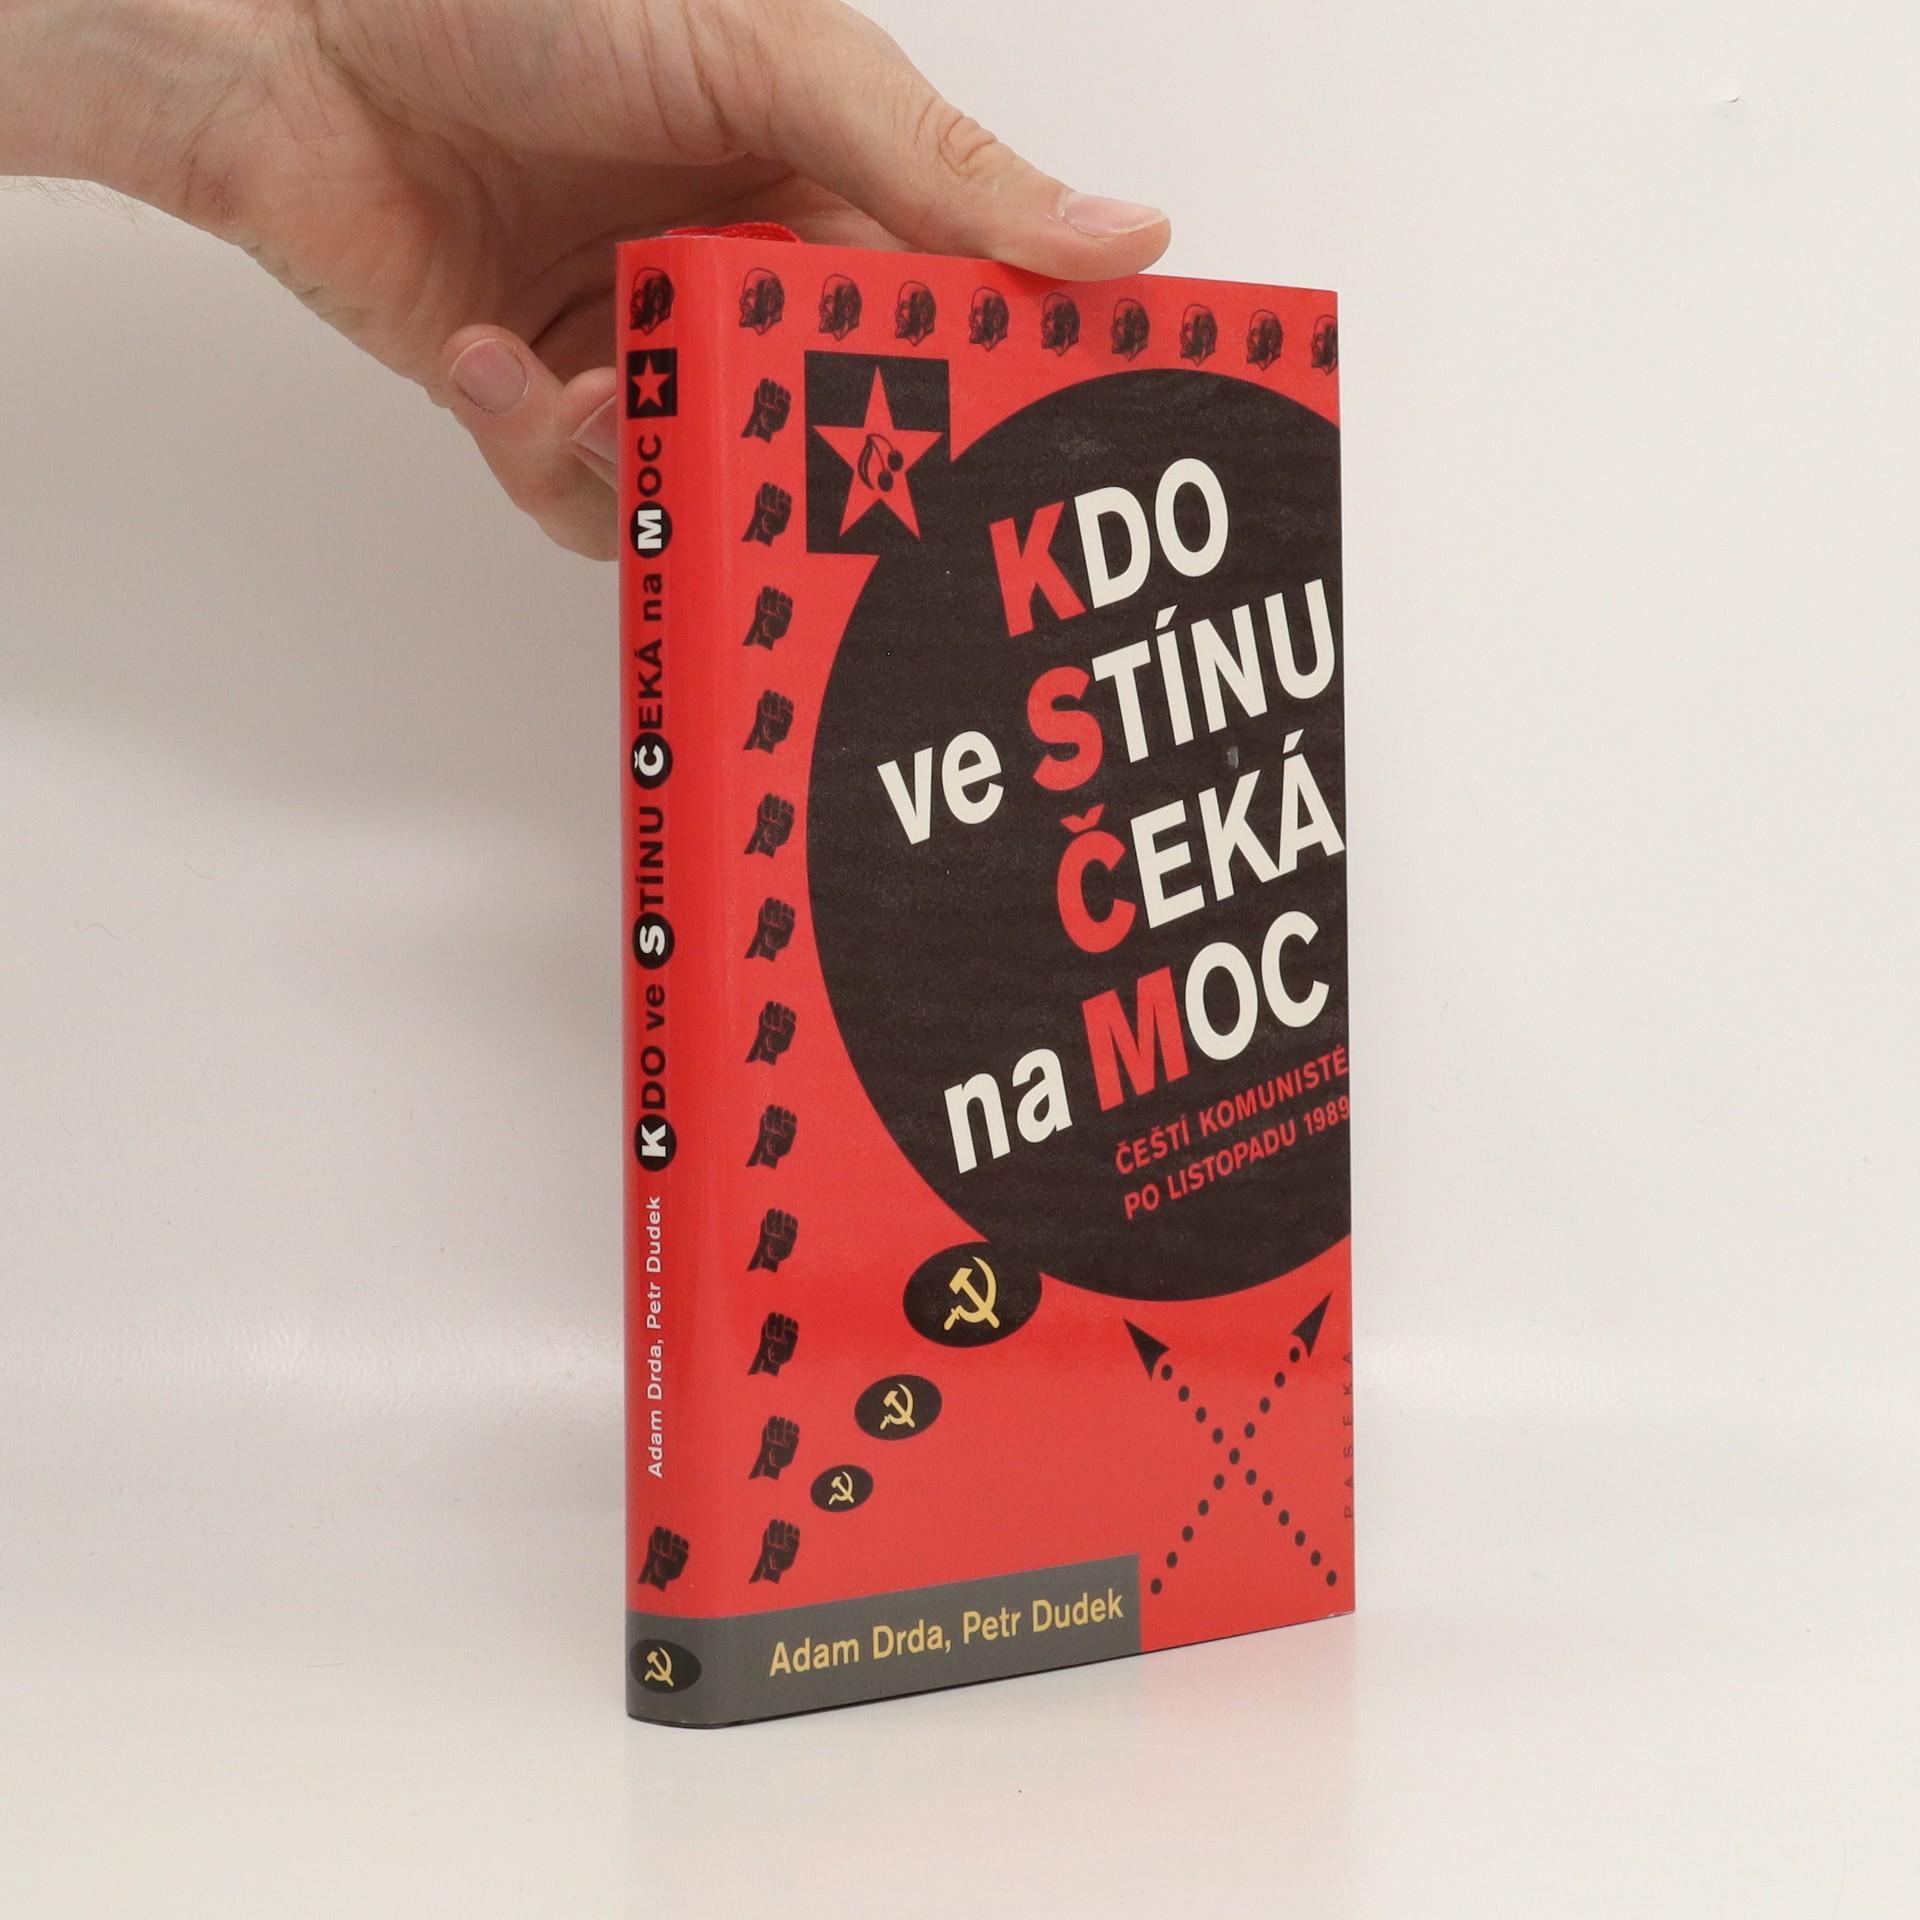 antikvární kniha Kdo ve stínu čeká na moc : čeští komunisté po listopadu 1989, 2006